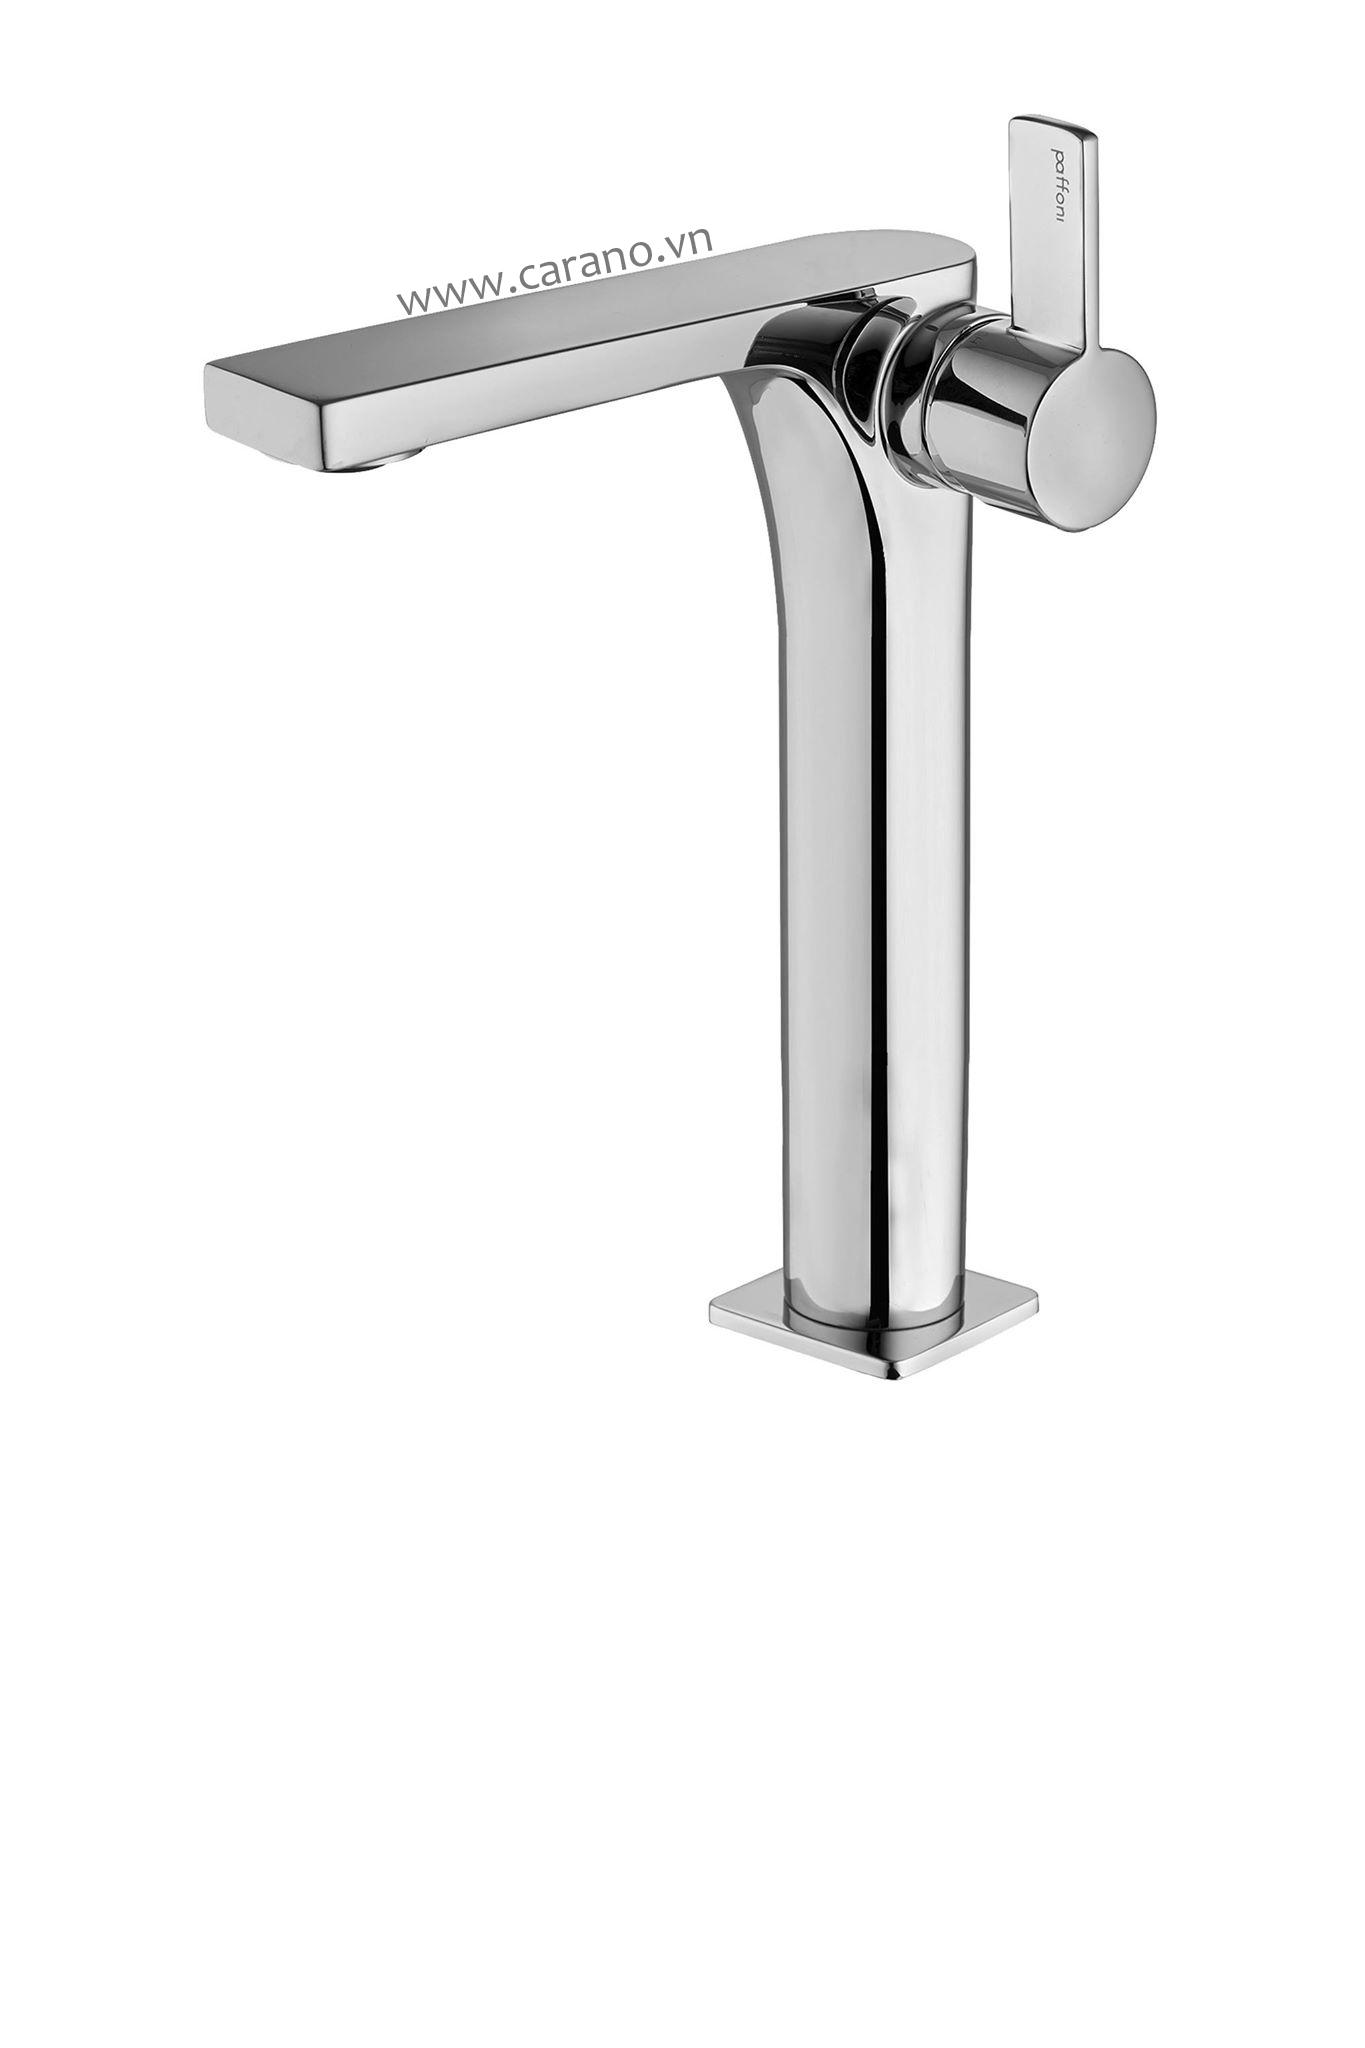 VÒI CHẬU NÓNG LẠNH PAFFONI RO081CR3 (Vòi lavabo model: RO081CR3)